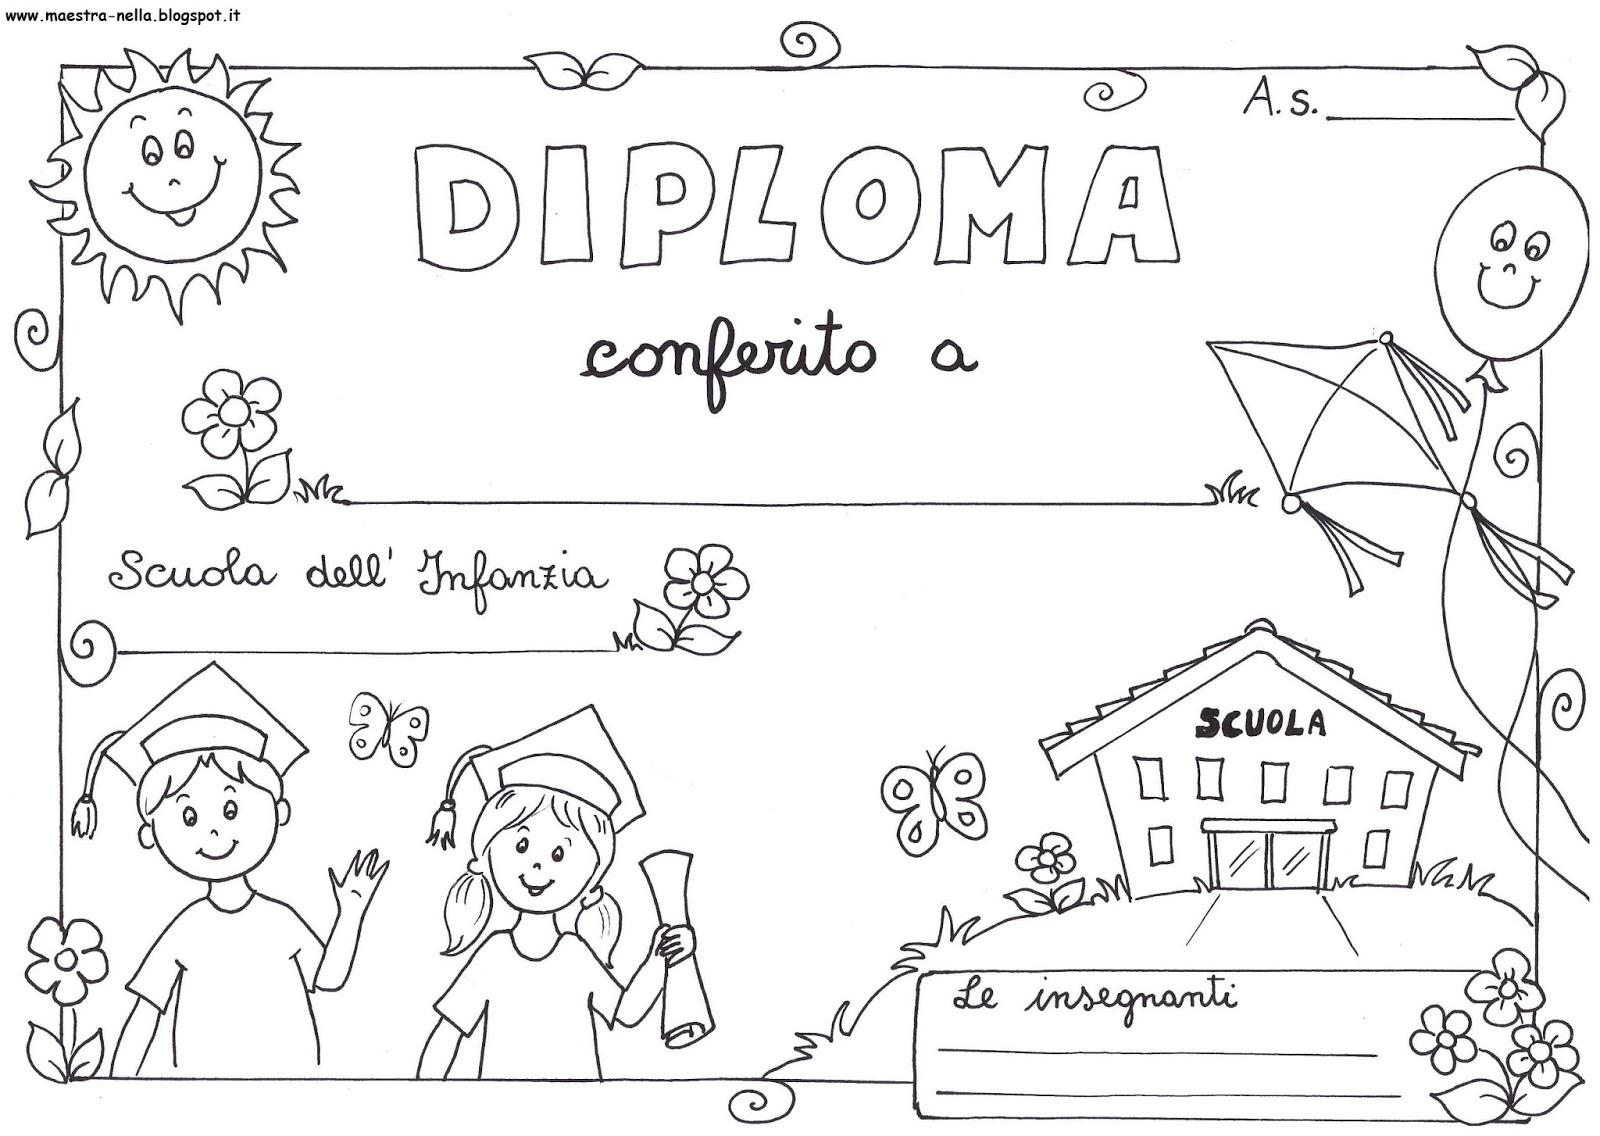 Maestra nella diplomi bambini - Immagini di colorare le pagine del libro da colorare ...